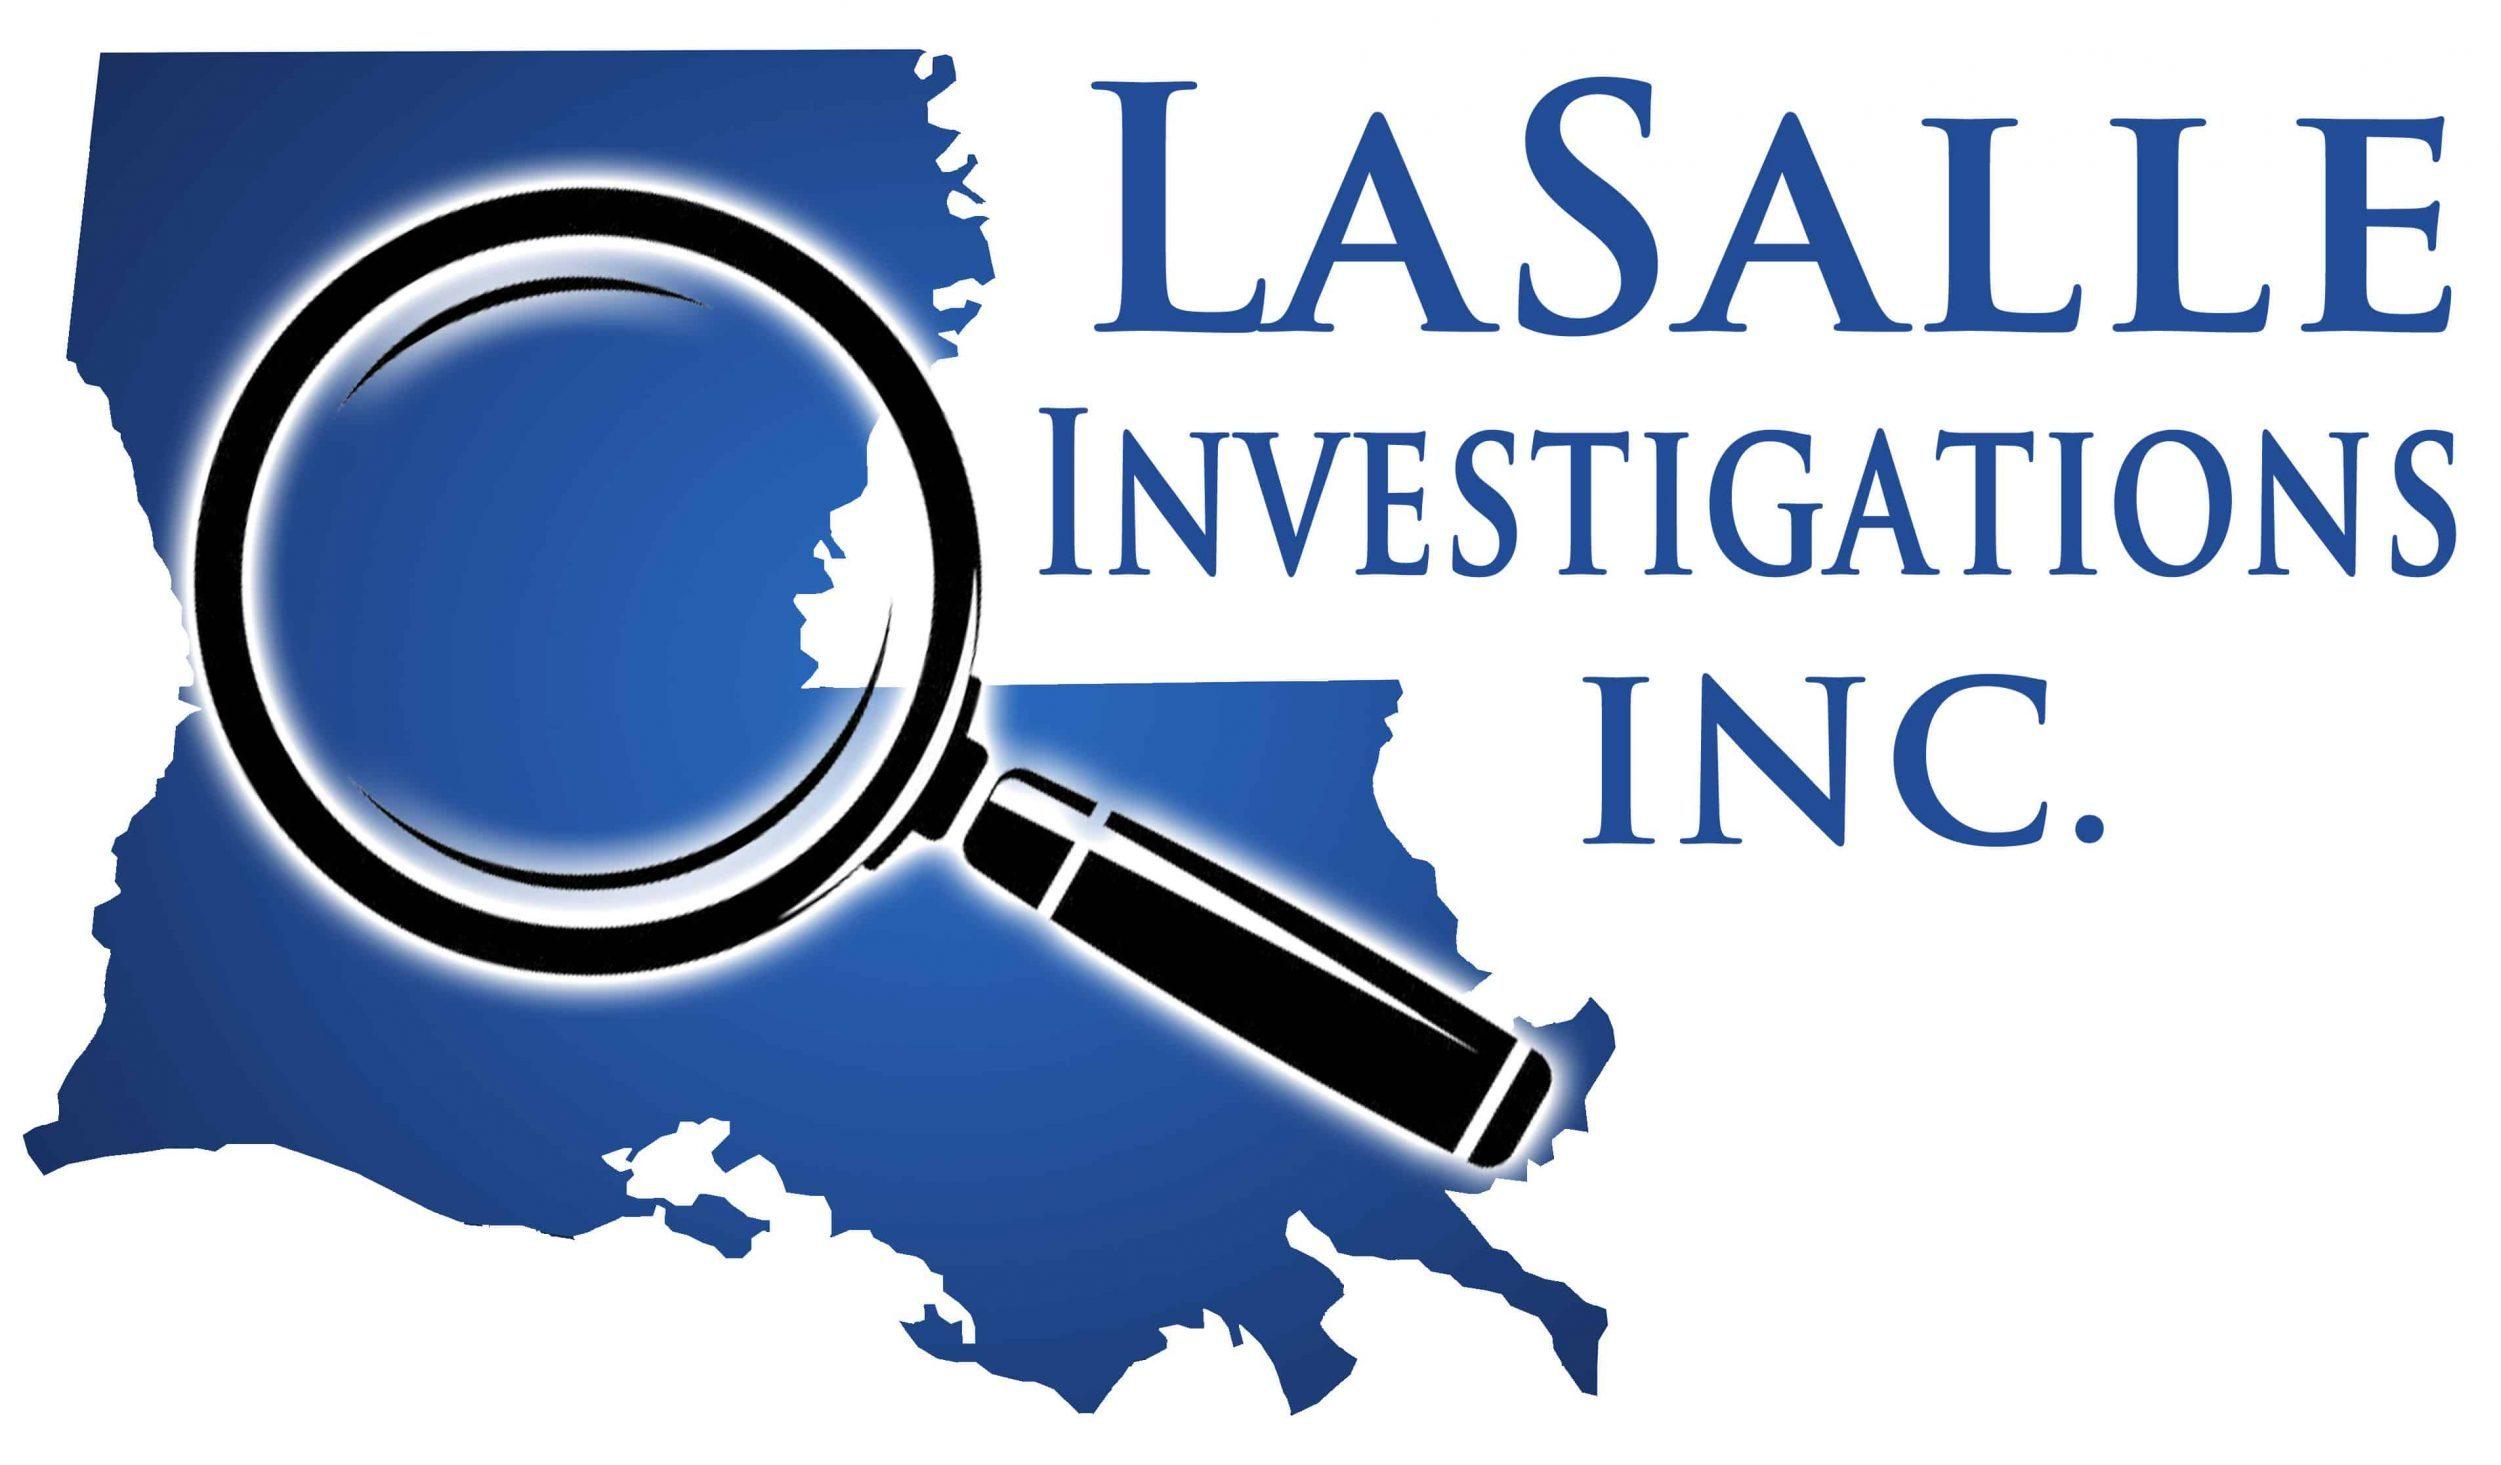 LaSalle Investigations Inc.